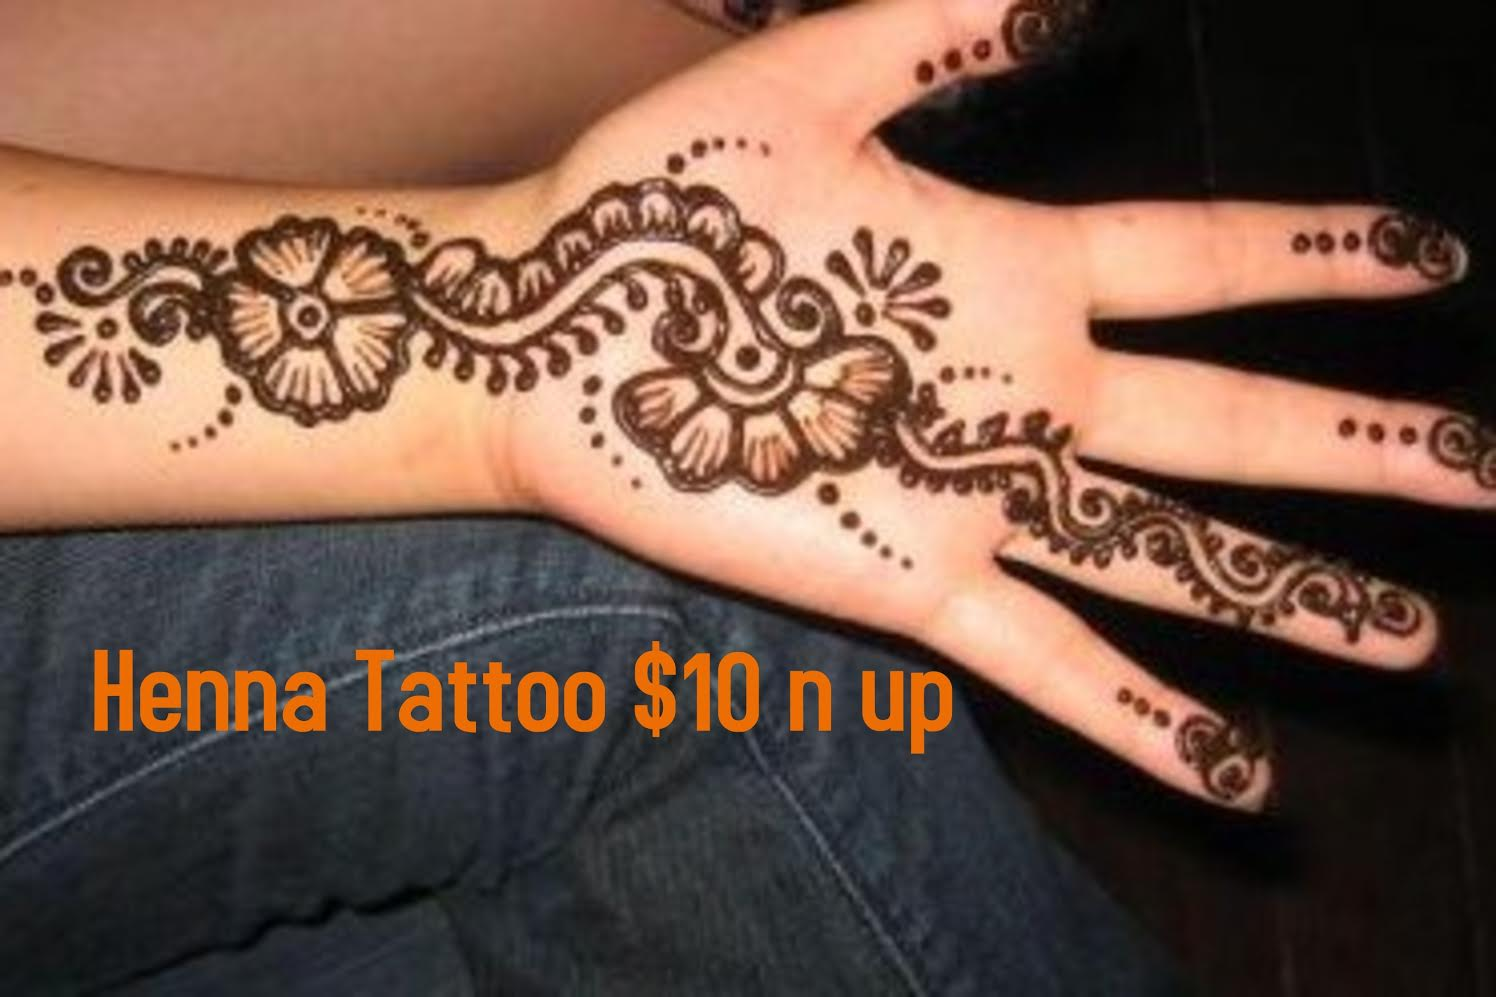 Eyebrow threading in dallas tx for Henna tattoo dallas